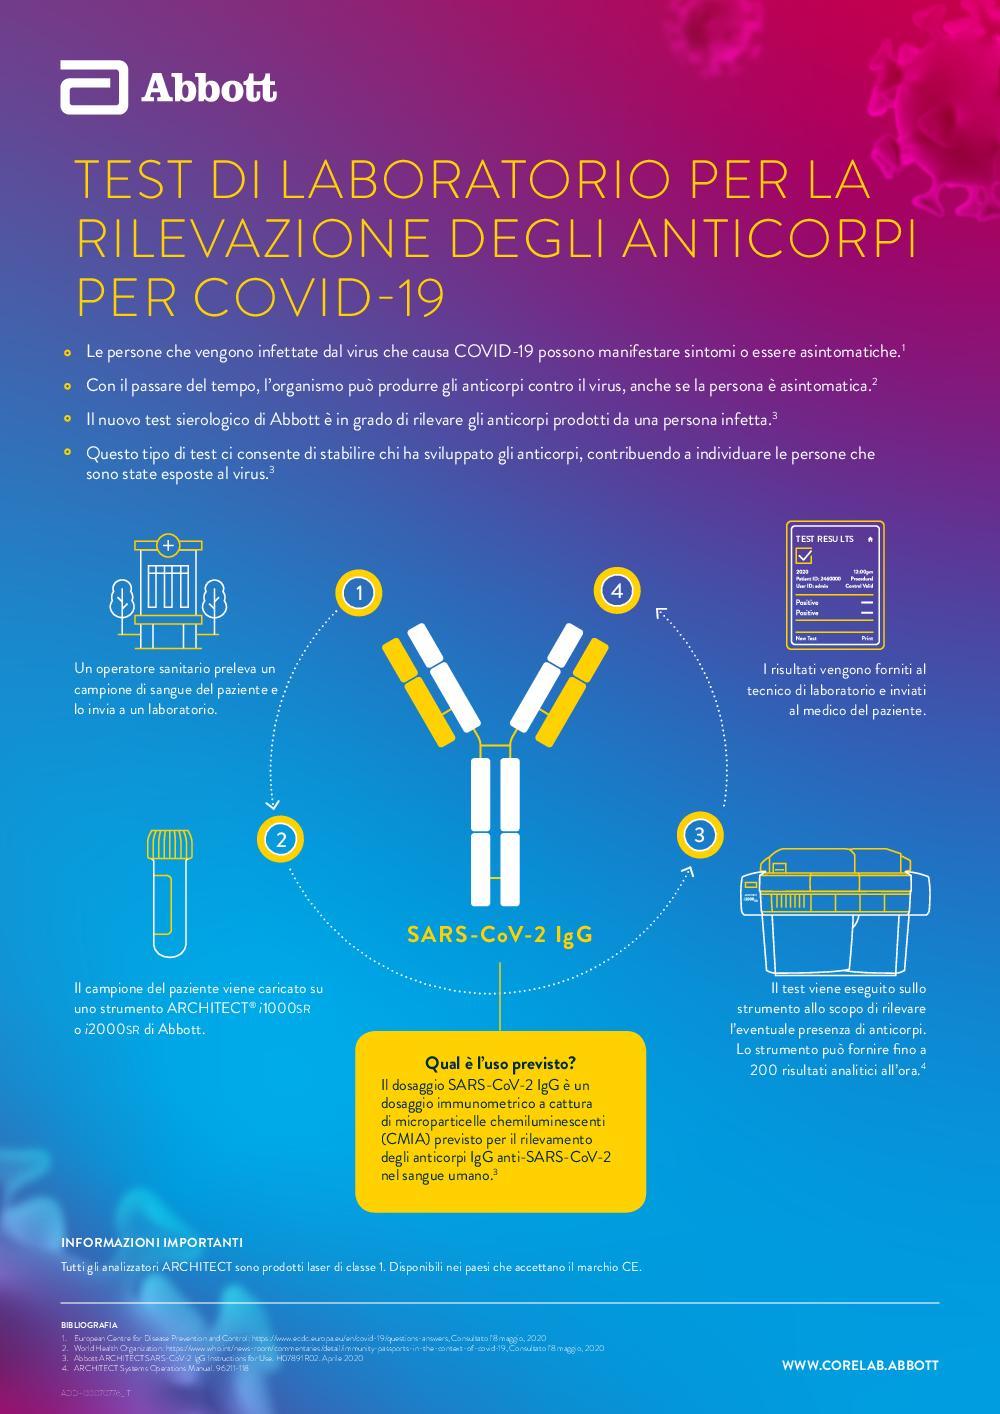 Serology Antibody testing